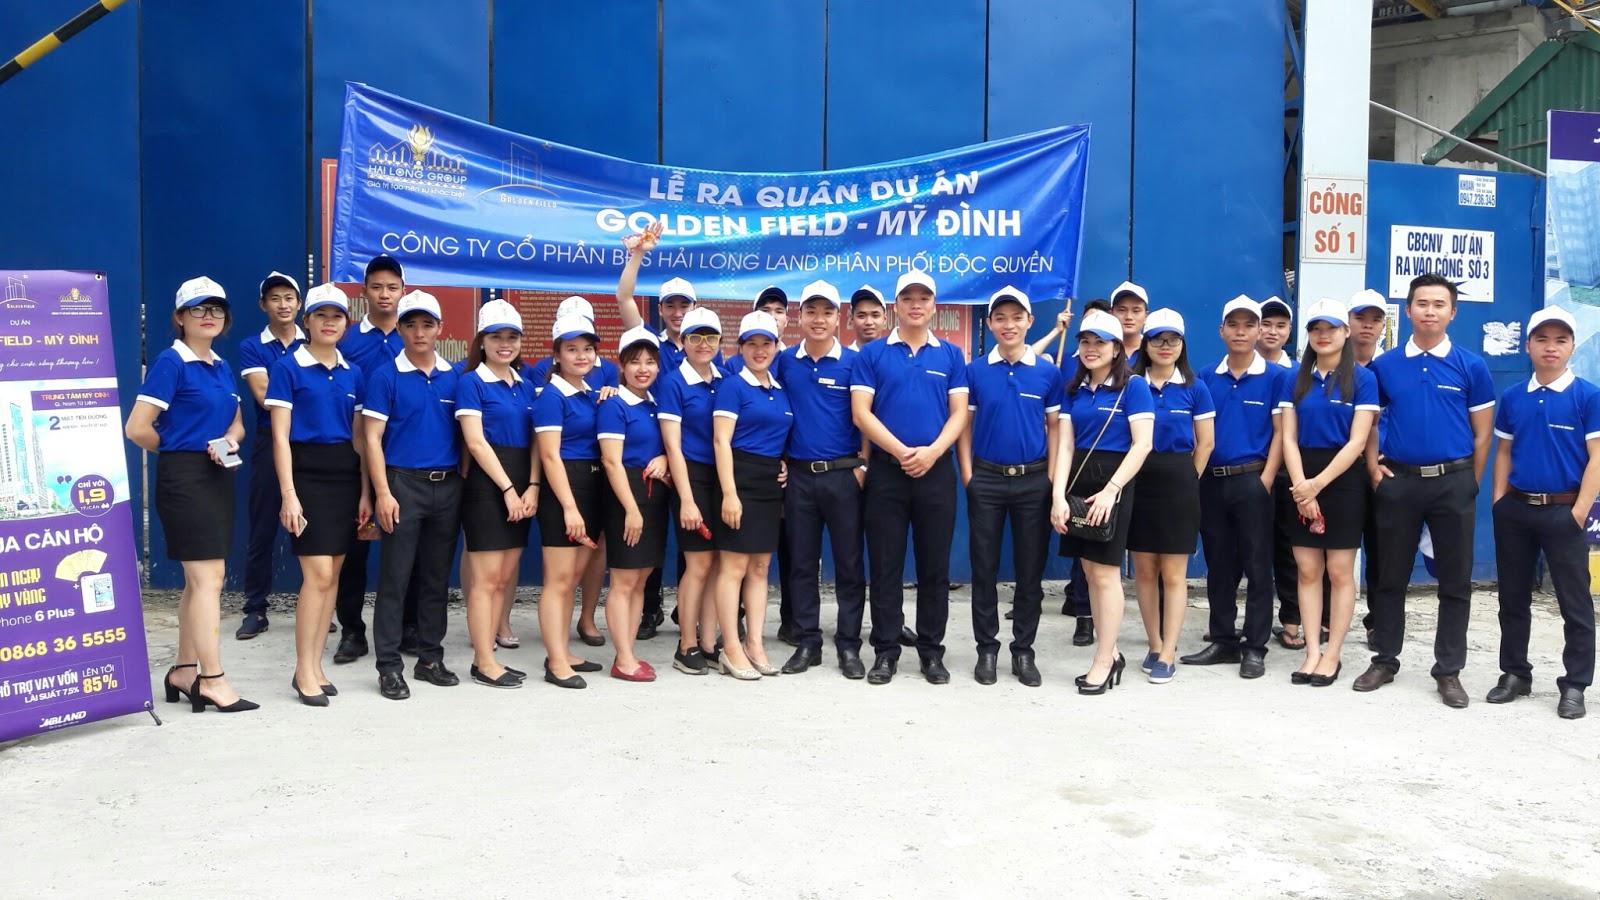 Hình ảnh Hải Long Land ra quân dự án thuộc BQP - MBLand Mỹ Đình